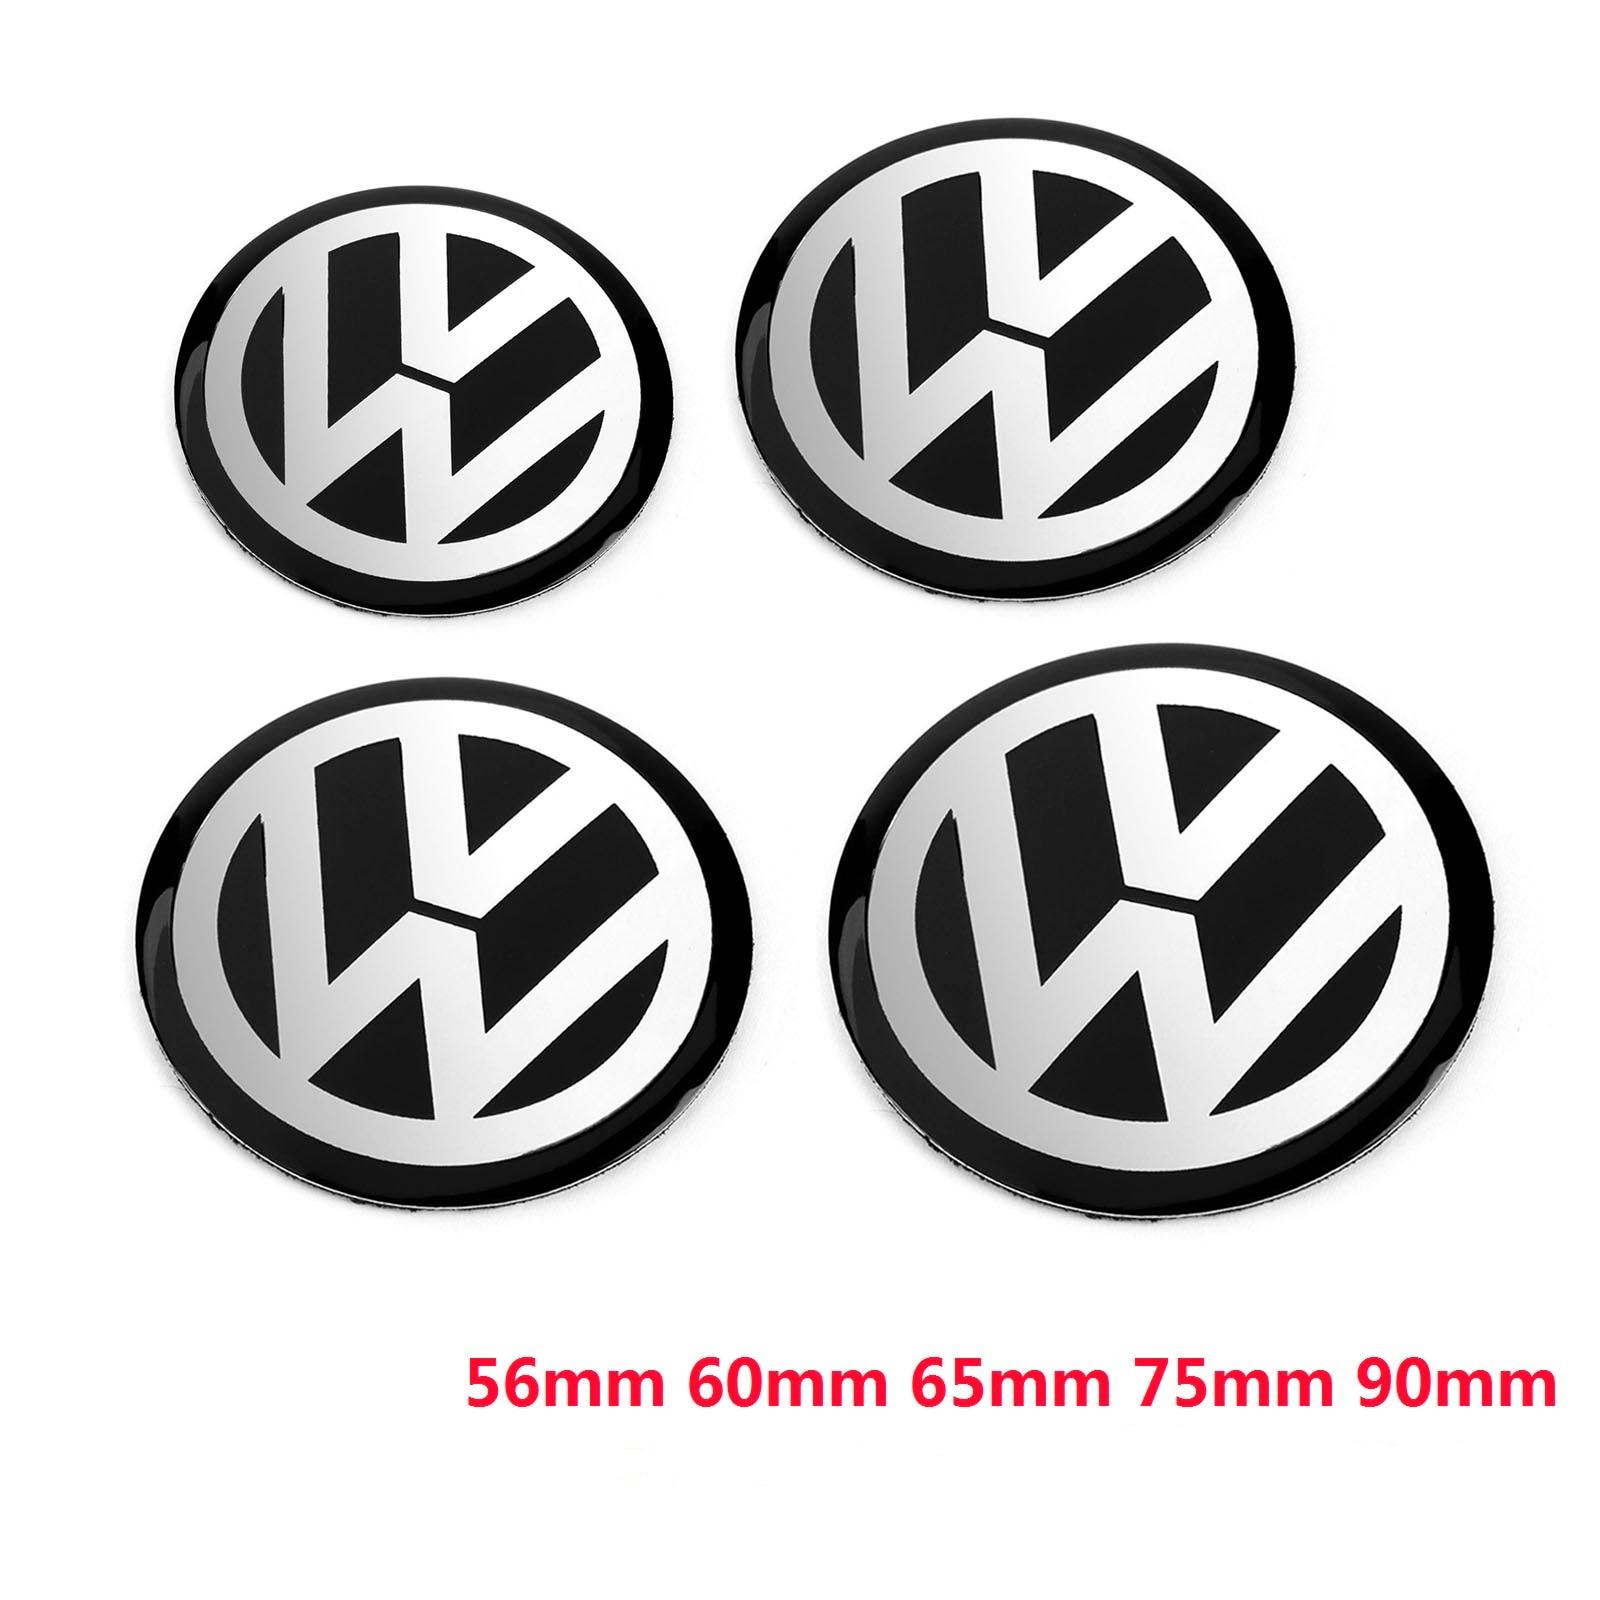 4 шт. 56 мм 60 65 мм 75 мм 90 мм черный Центральная втулка колеса автомобиля Кепки бейдж логотип эмблема наклейка колеса Стикеры Стайлинг для VW